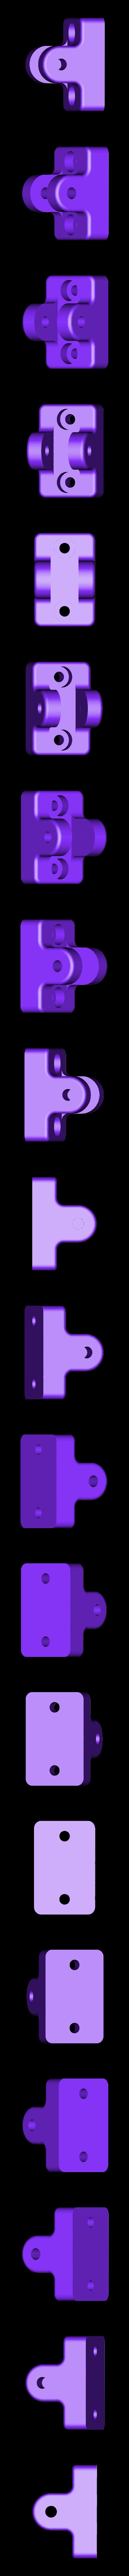 zugscharnier.stl Télécharger fichier STL gratuit majordome escamotable pour fixation murale • Objet pour impression 3D, kakiemon